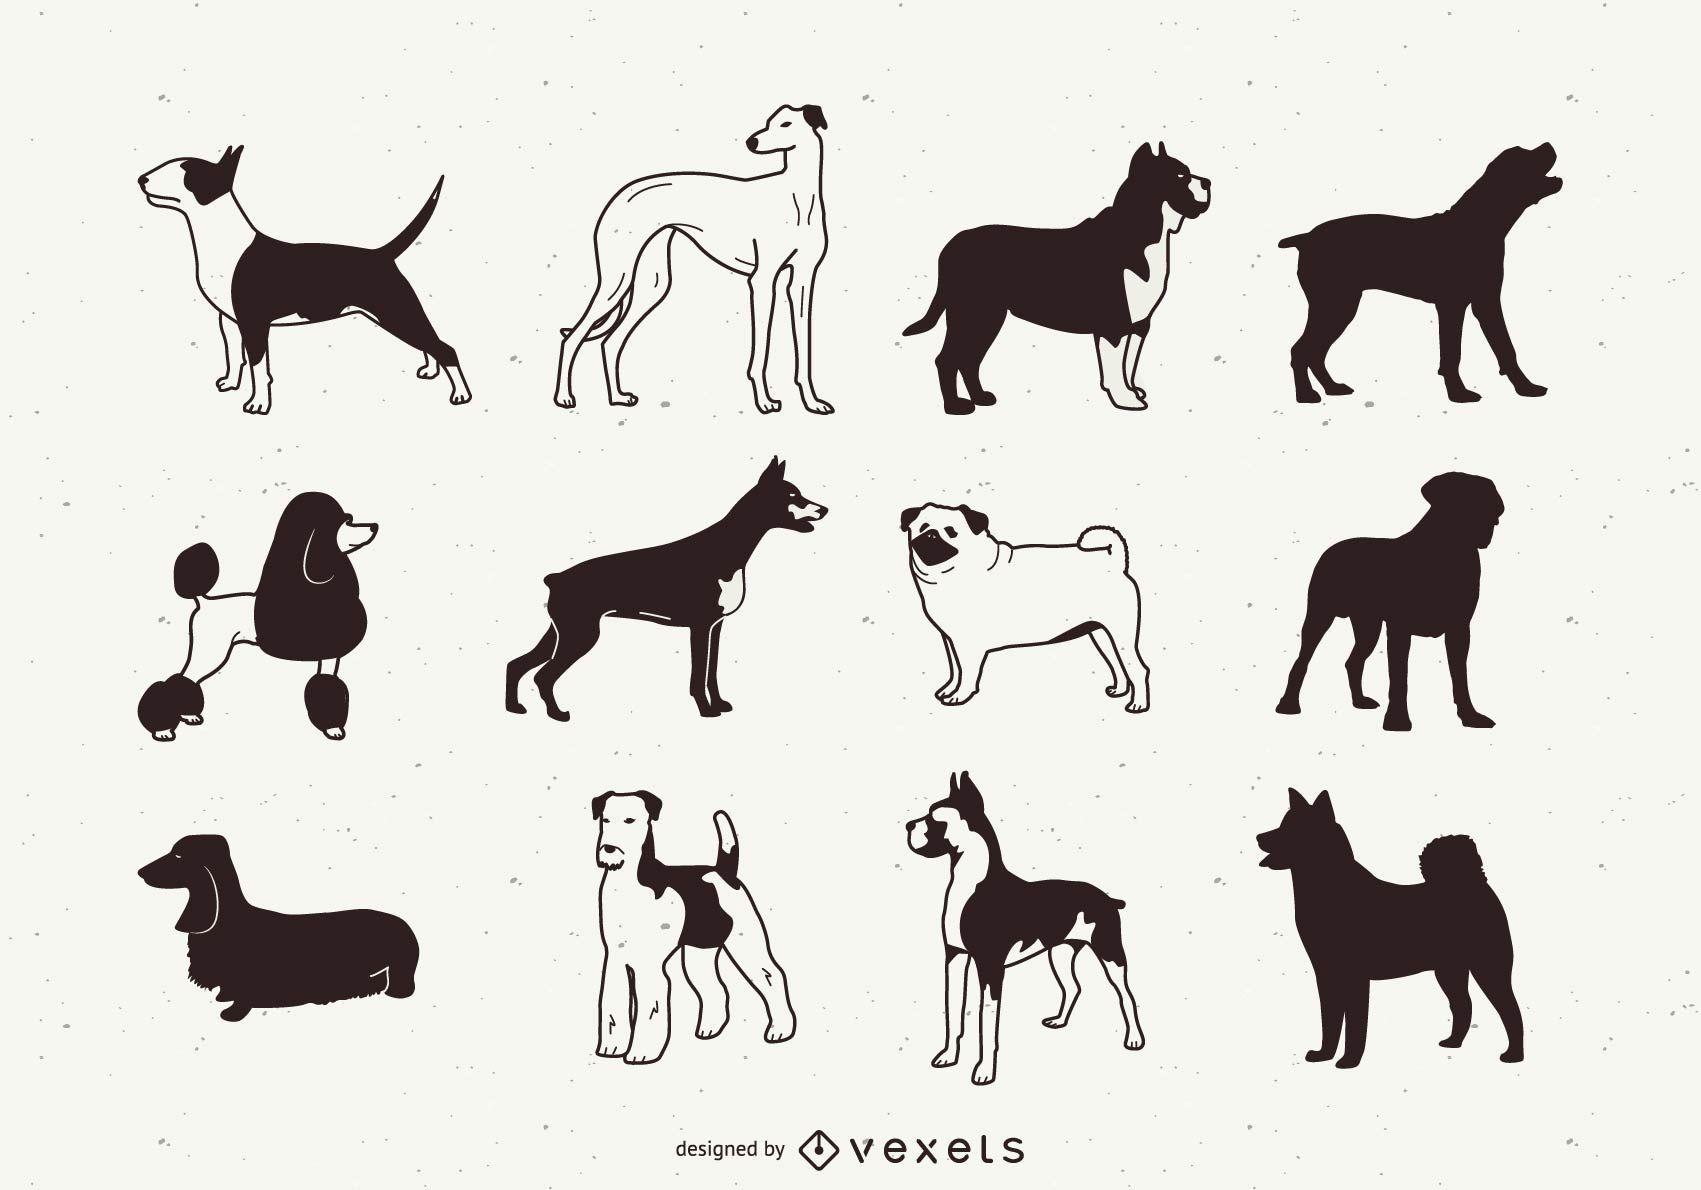 Paquete de silueta de perro de raza blanca y negra